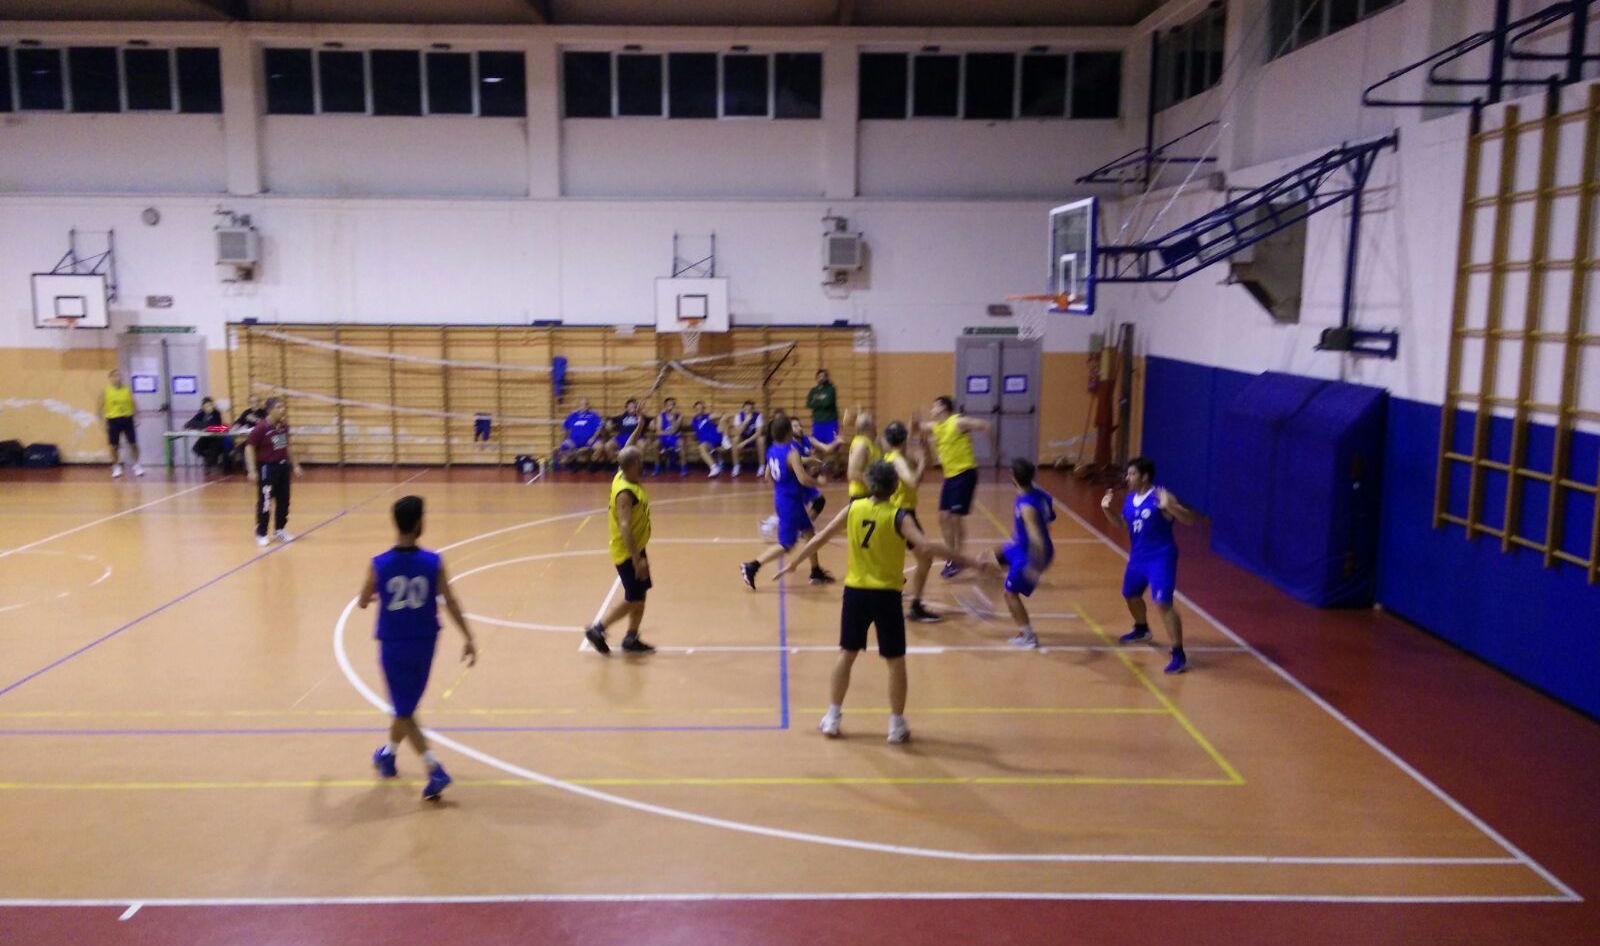 Torneo UISP: Basket Verbano ancora vincente, 66-62 contro la capolista